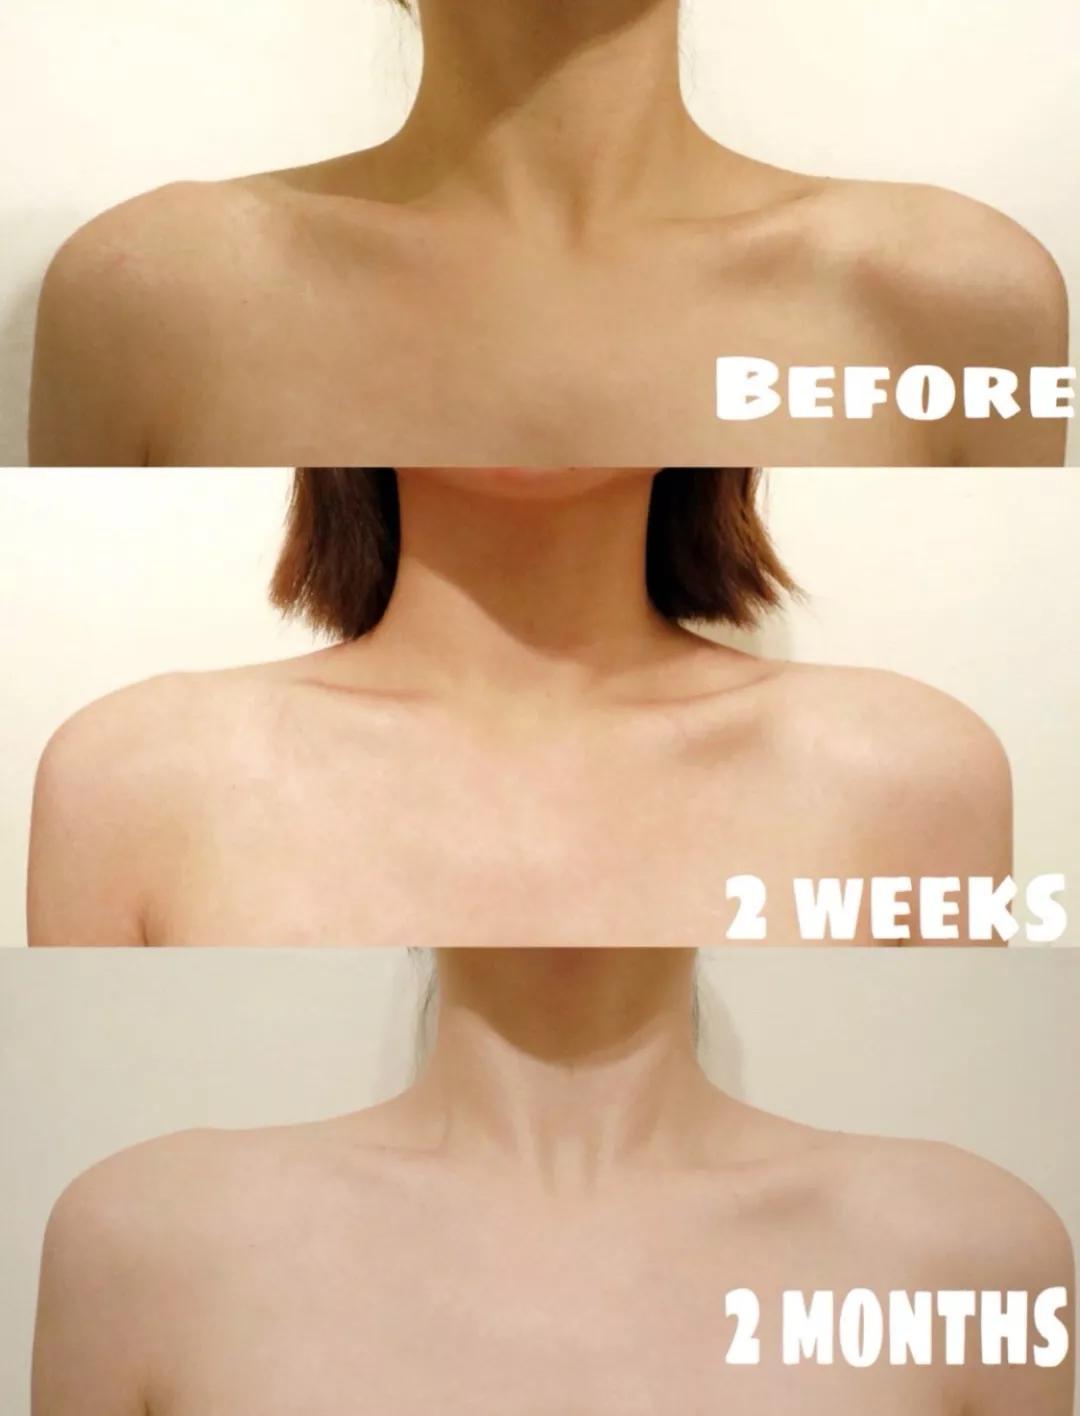 每天坚持涂身体乳,我的皮肤变化竟然这么大!自己都没有想到...